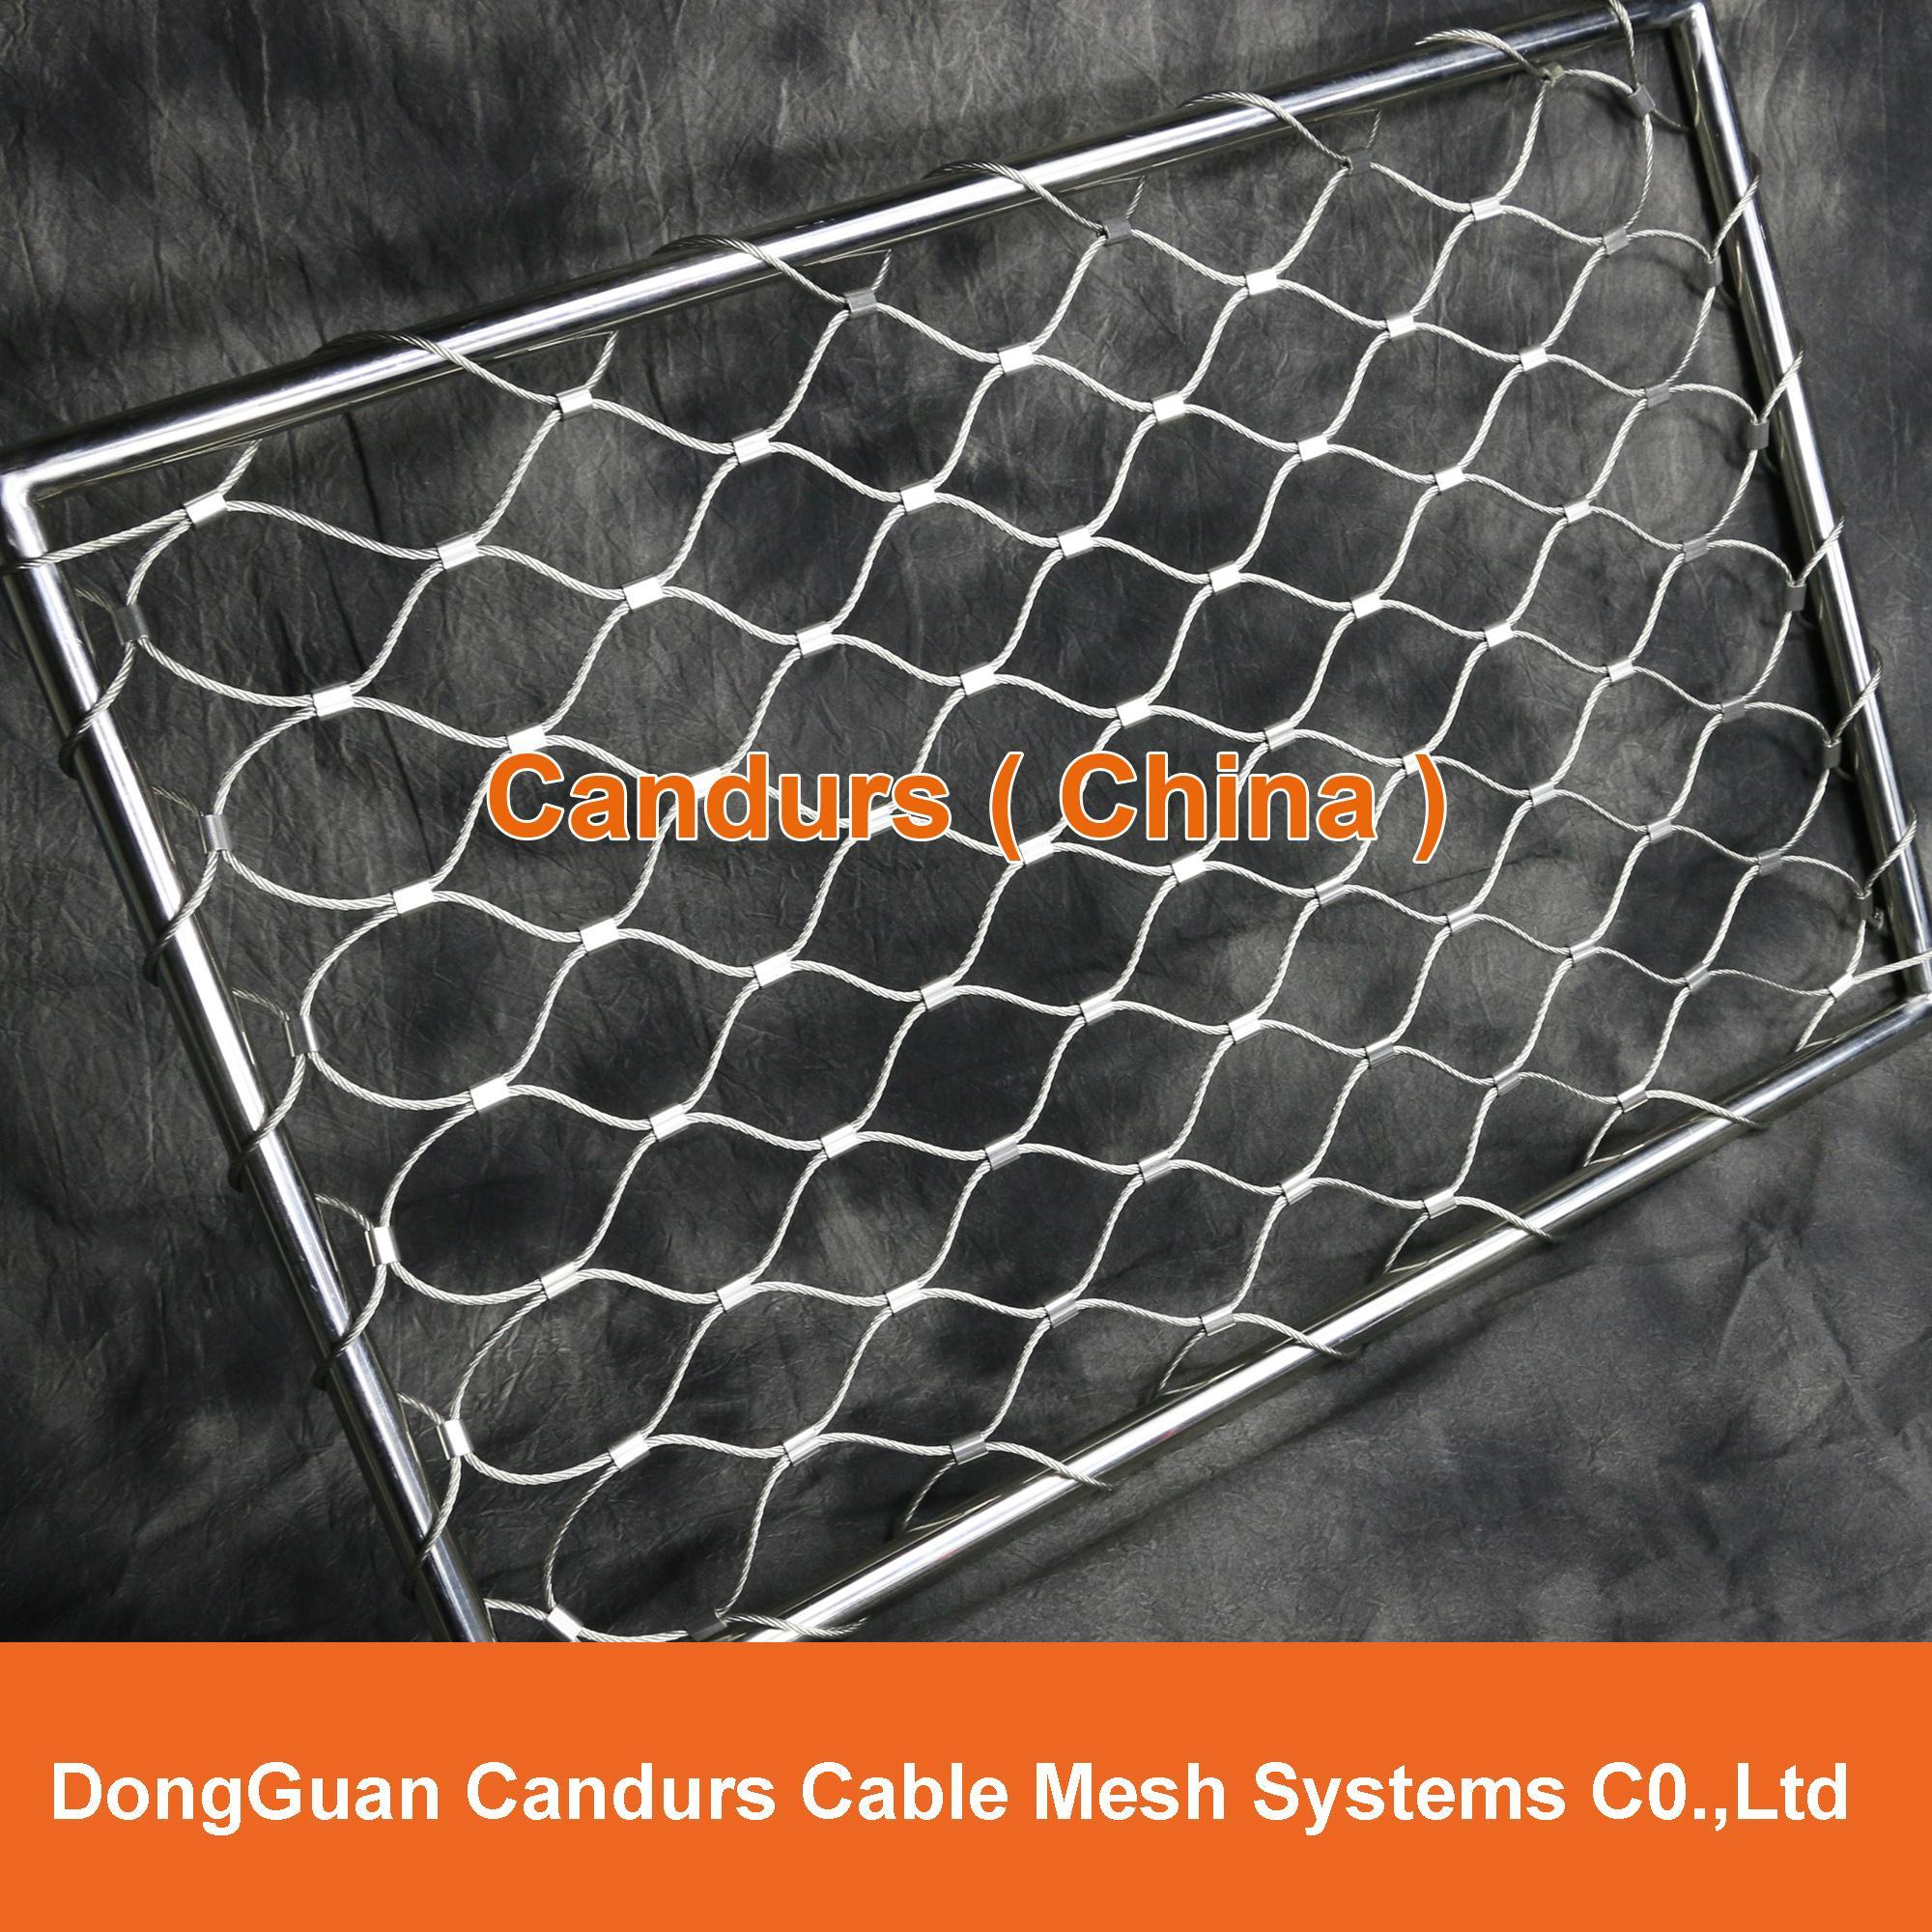 柔性不锈钢扶手栏杆防护网 1